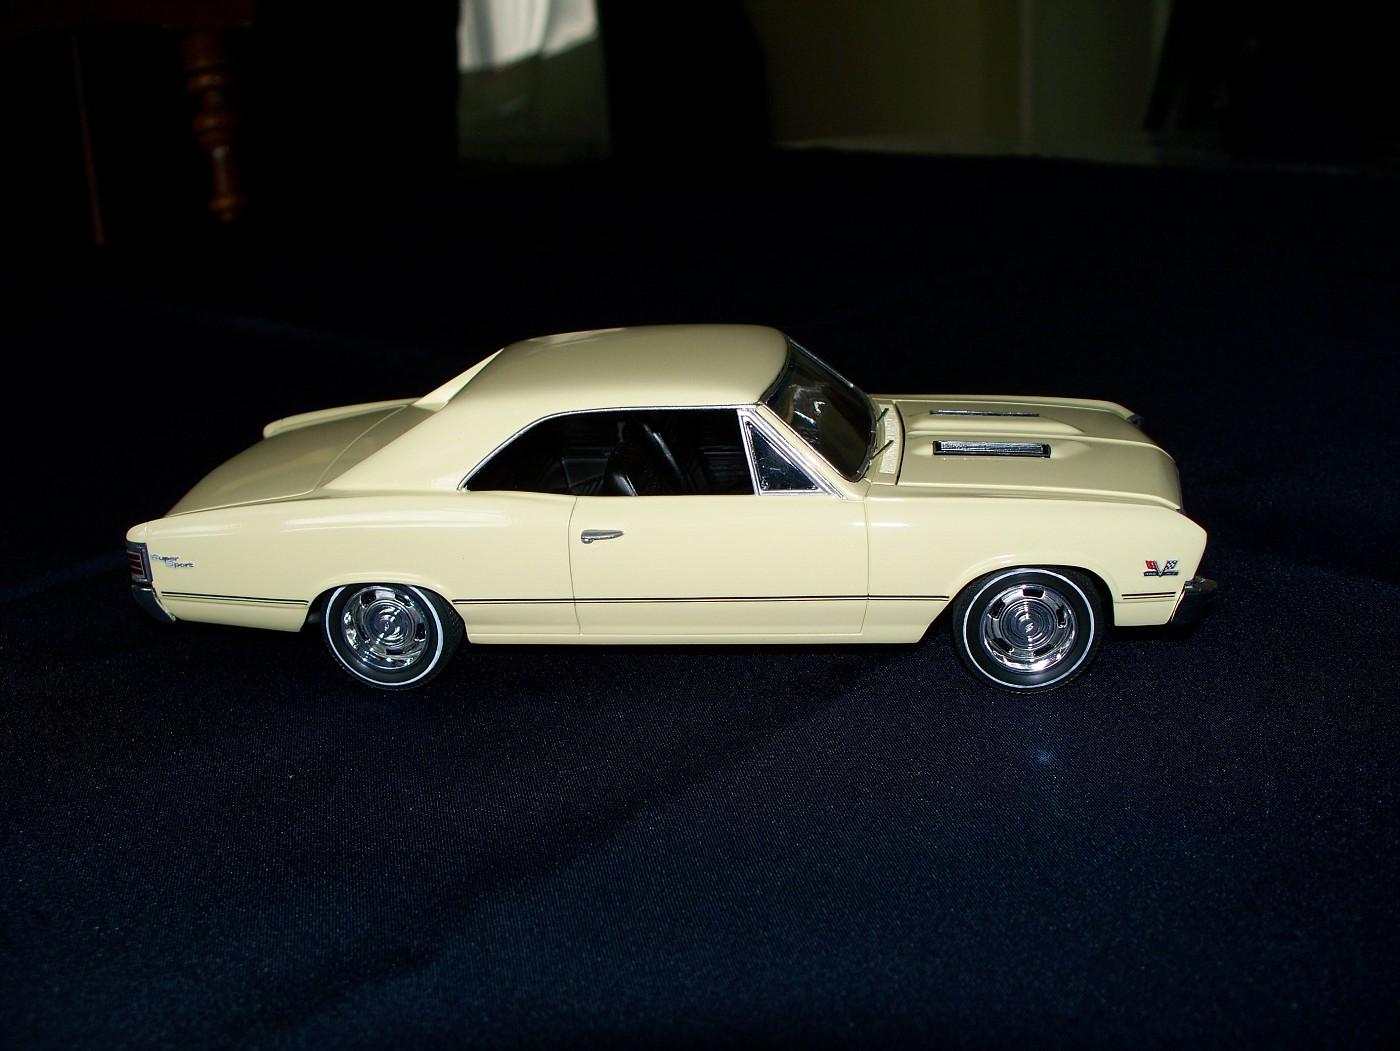 Chevelle '67 SS 396 (concours Gearz) - Page 2 Modelesdivers7novembre2008027-vi